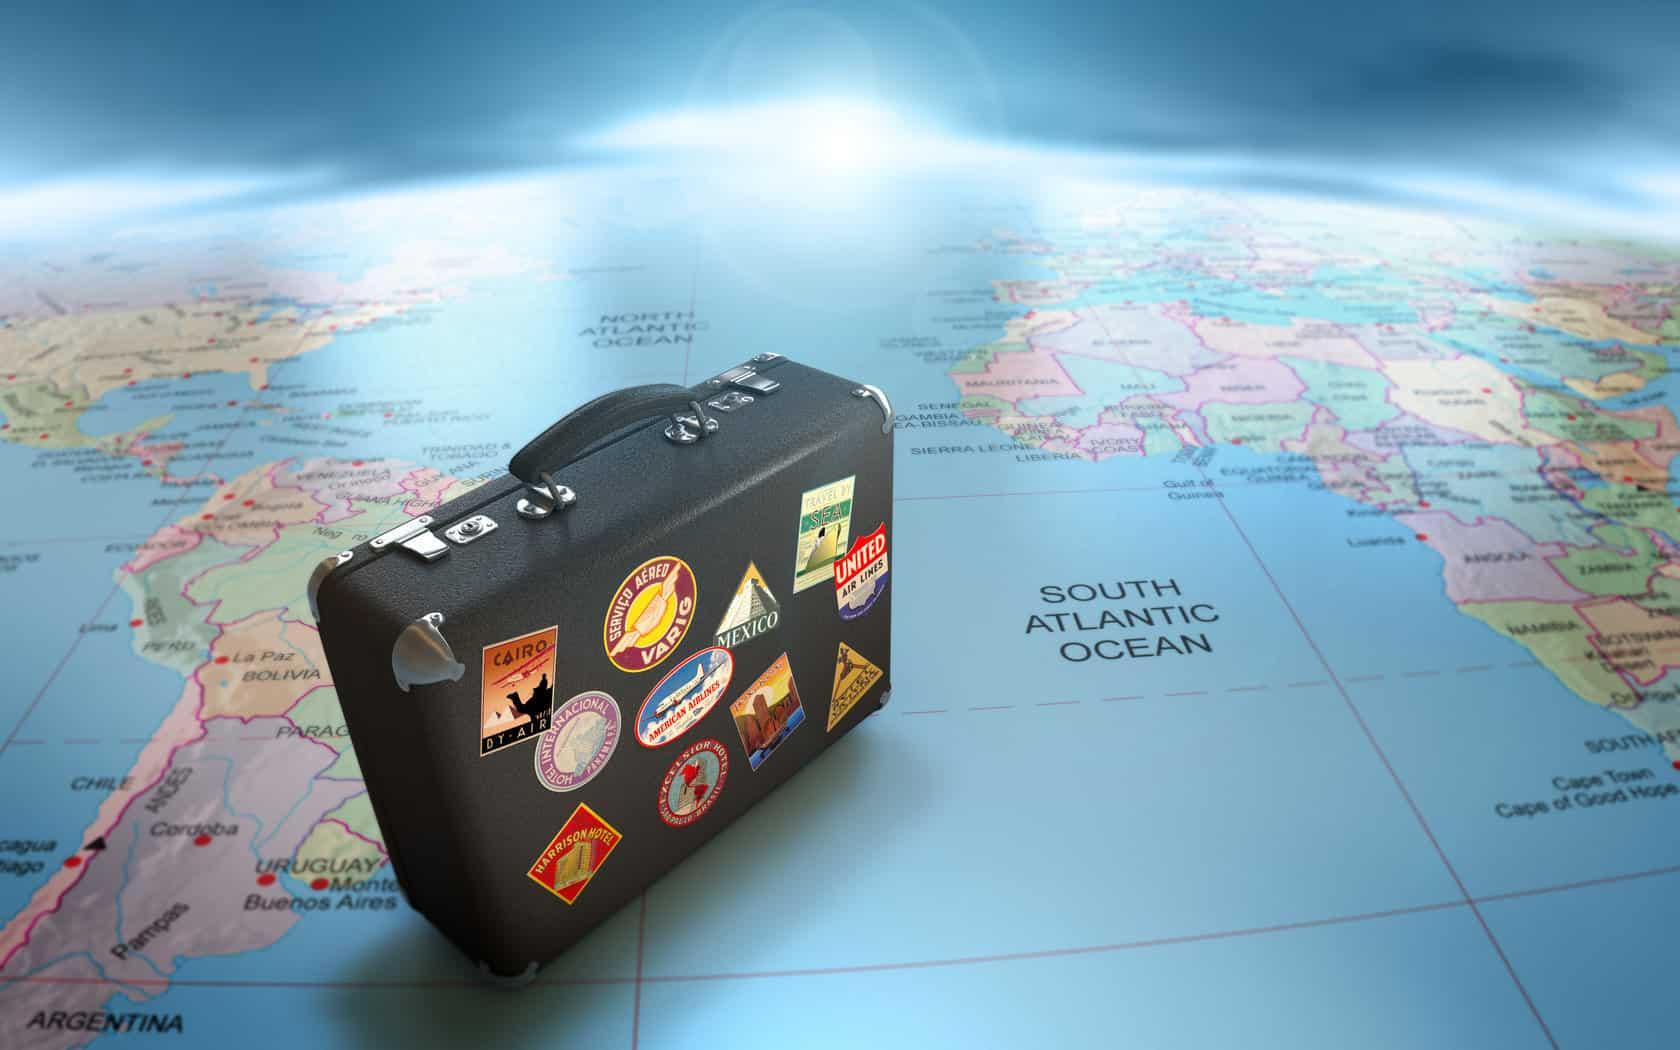 Quantas milhas precisa para viajar?